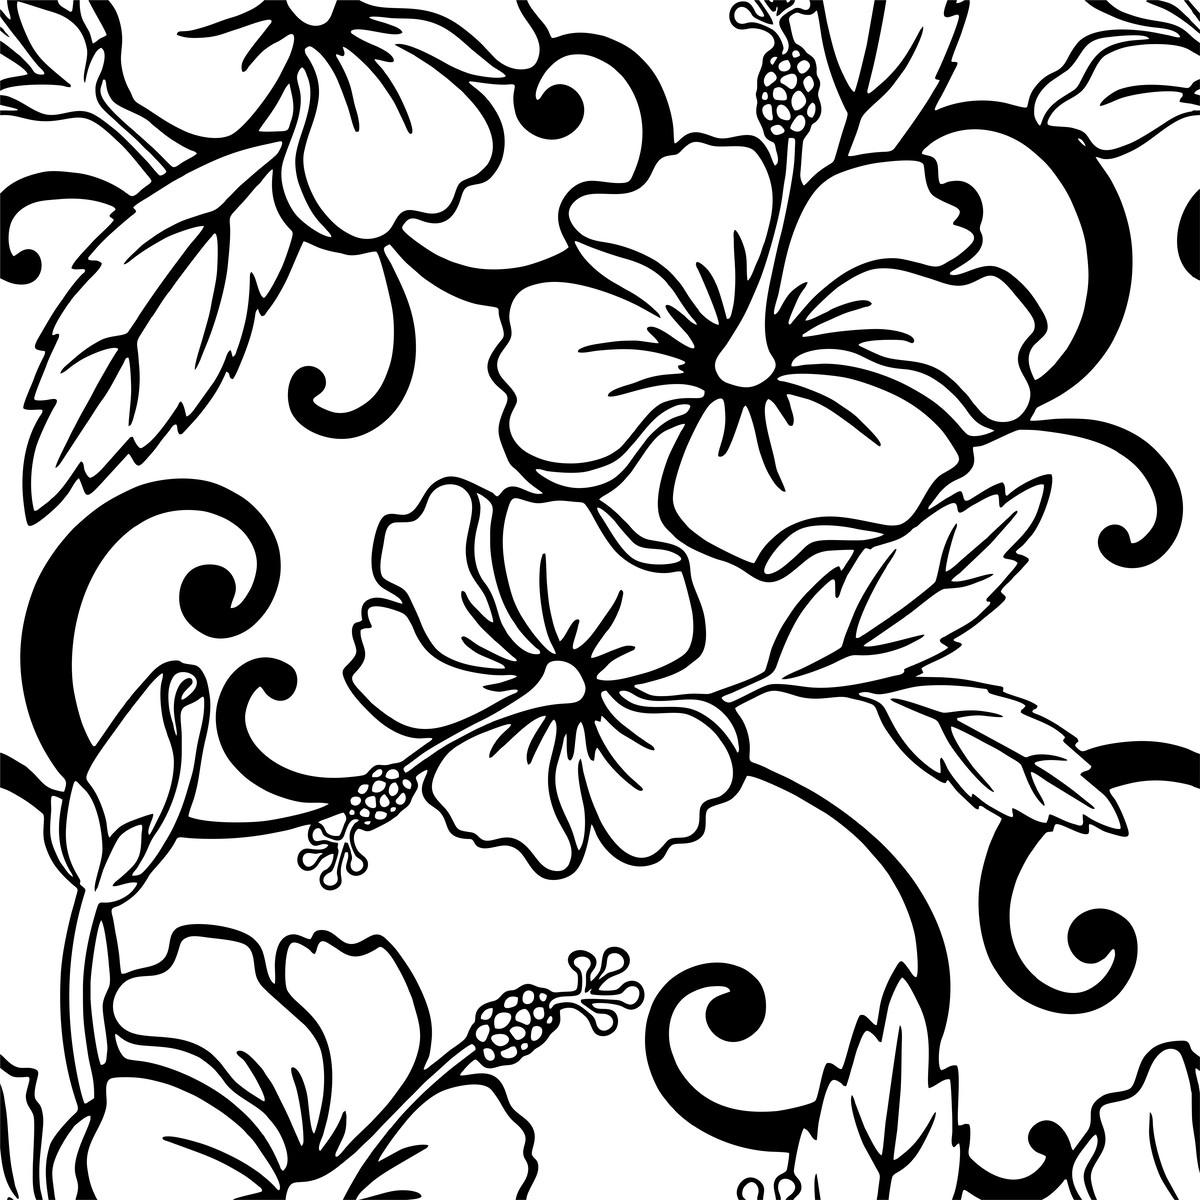 Papel De Parede Floral Tribal Preto Fundo Branco Adesivo